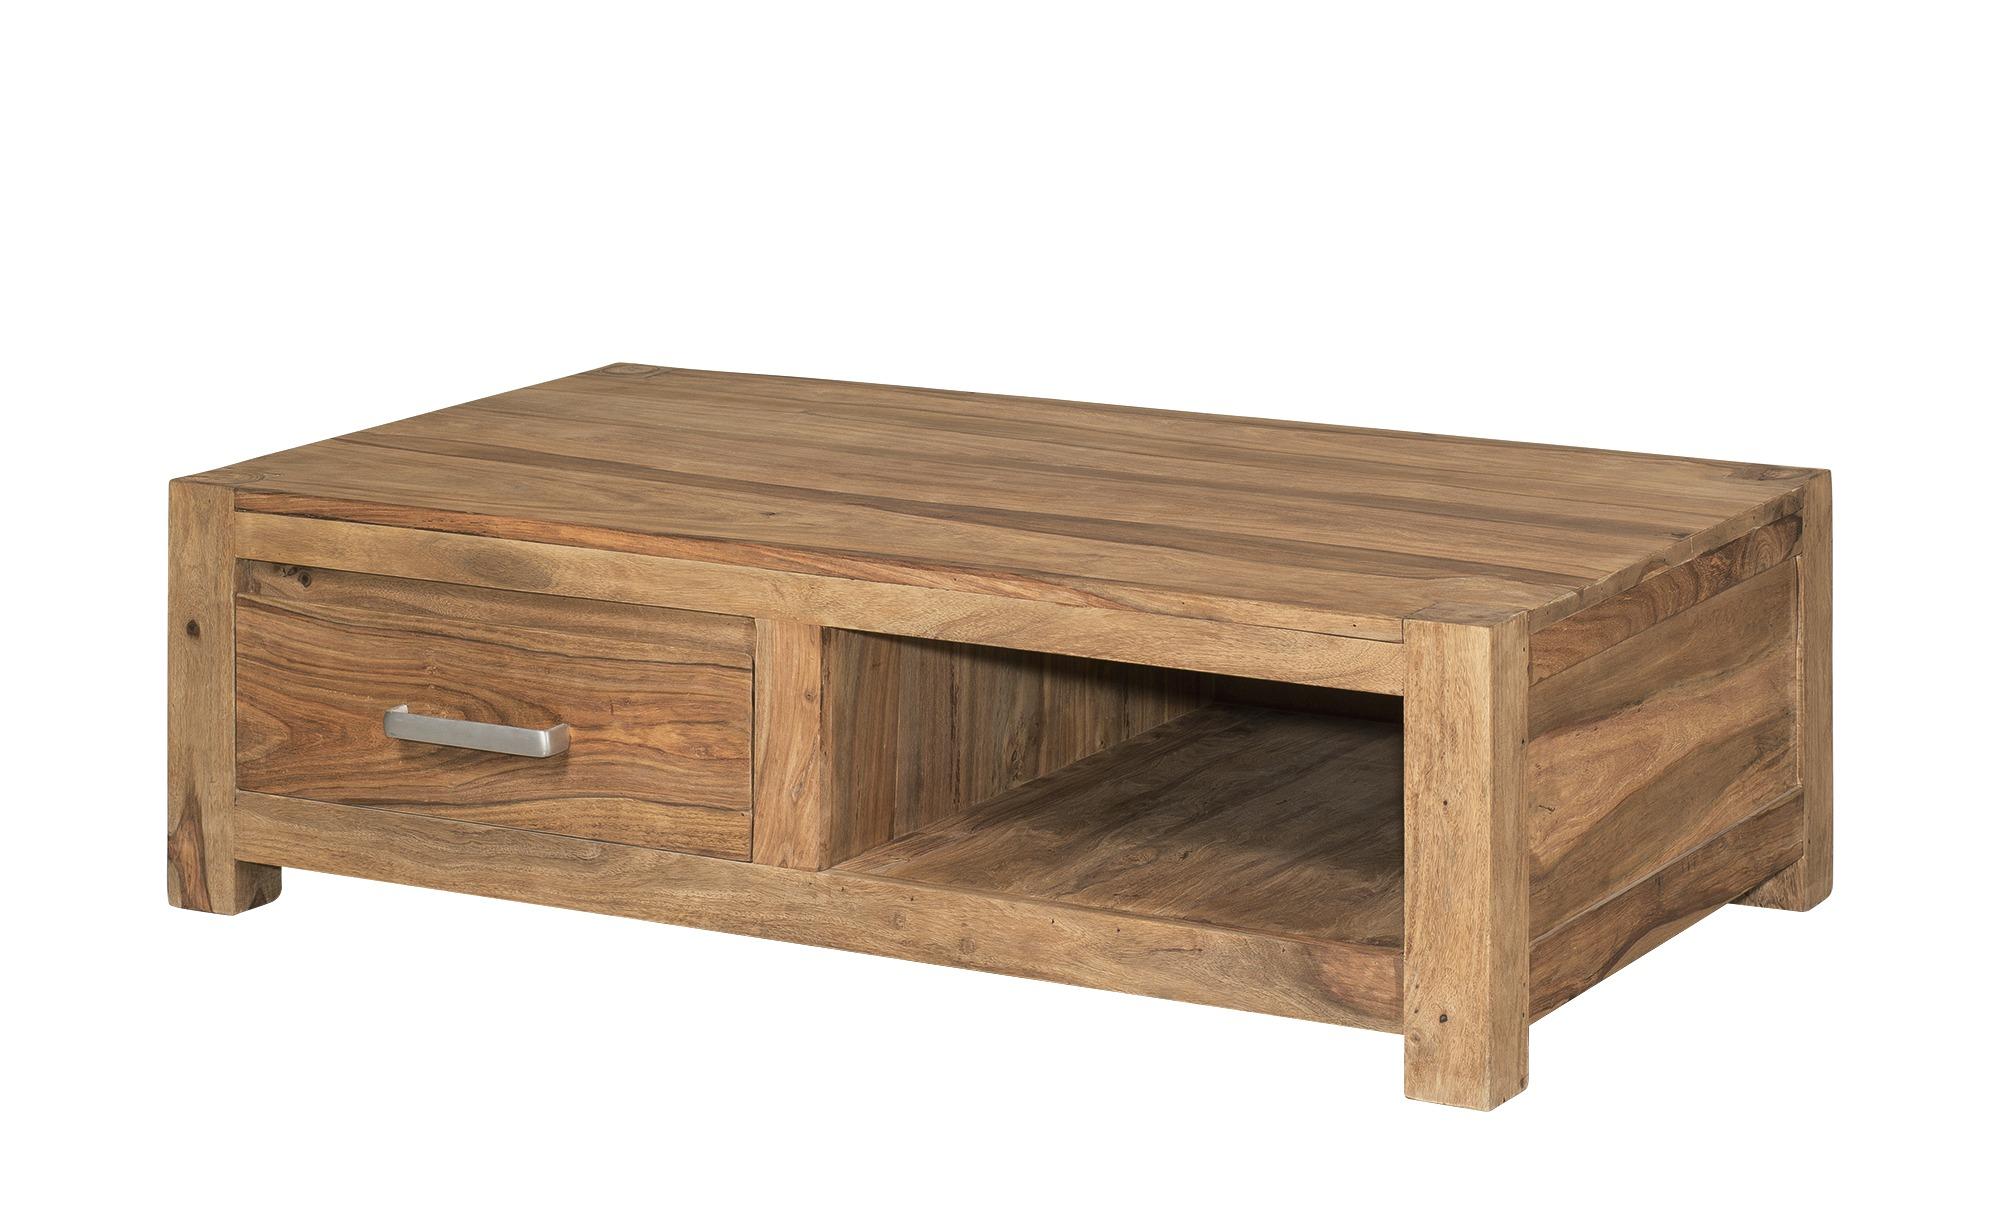 Couchtisch   Amarillo ¦ holzfarben ¦ Maße (cm): B: 70 H: 36,5 Tische > Couchtische > Couchtische rechteckig - Höffner